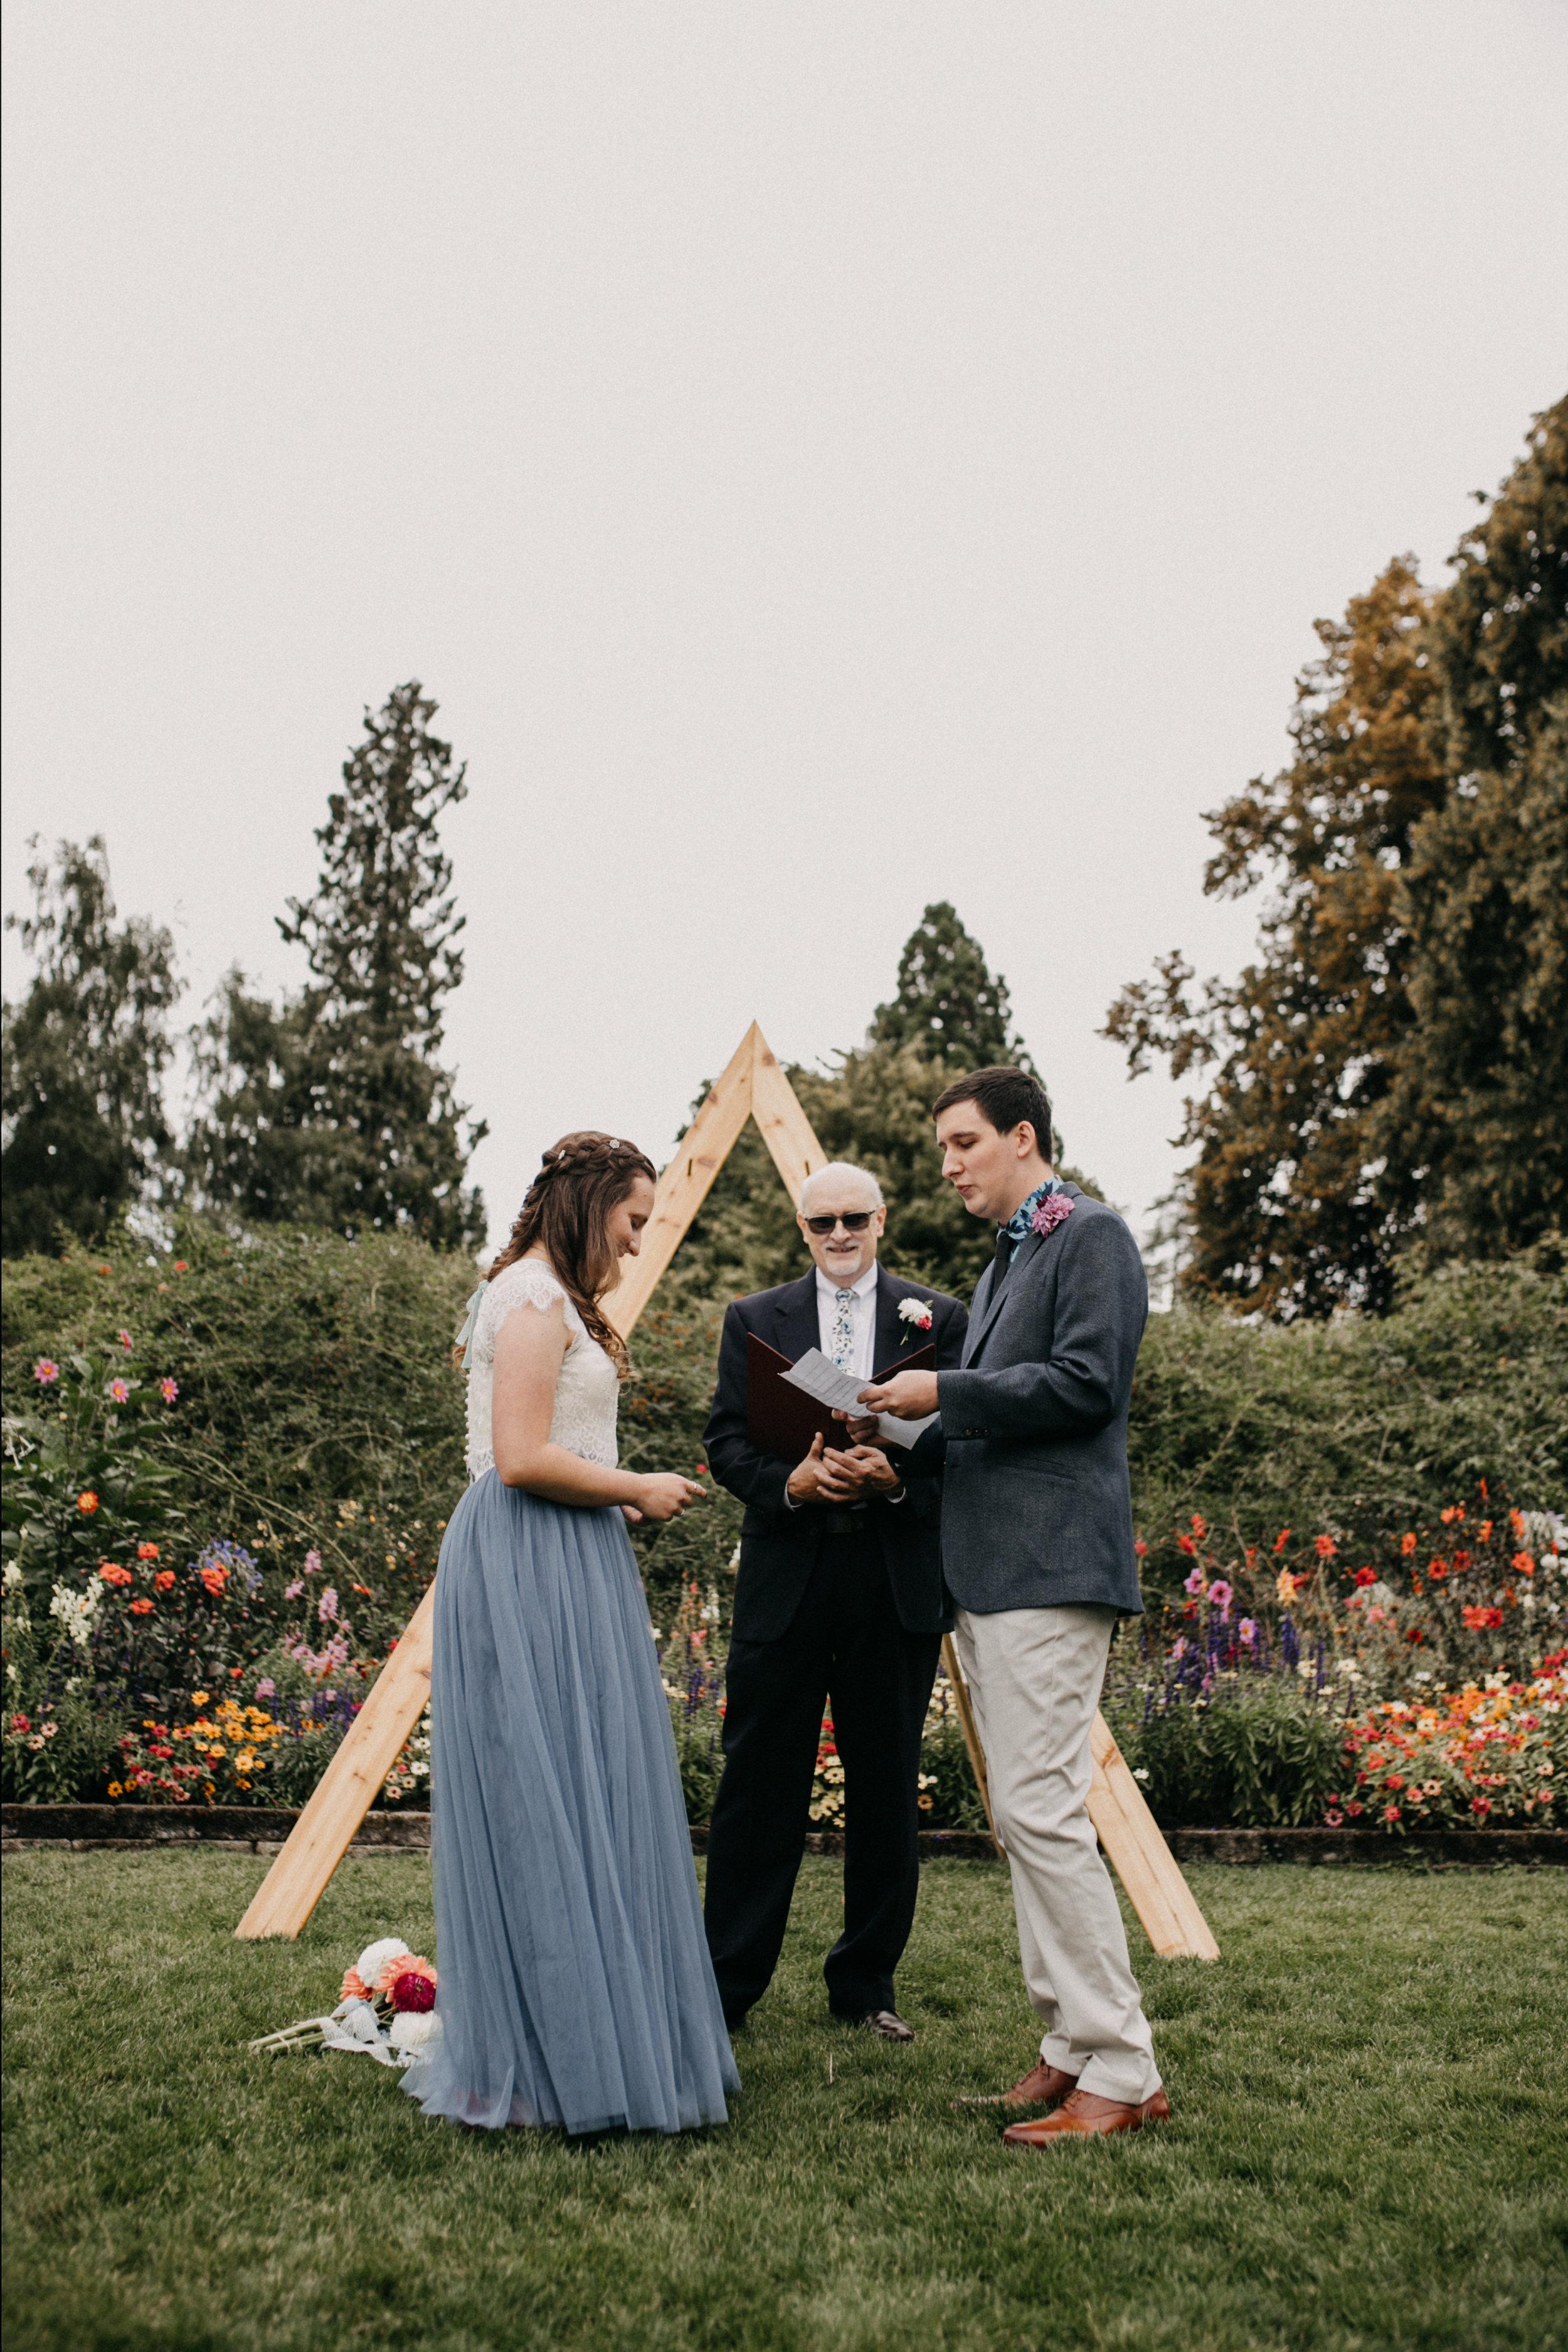 PointDefianceRoseGarden_Wedding_Stuberg_Melaphoto-5090.jpg